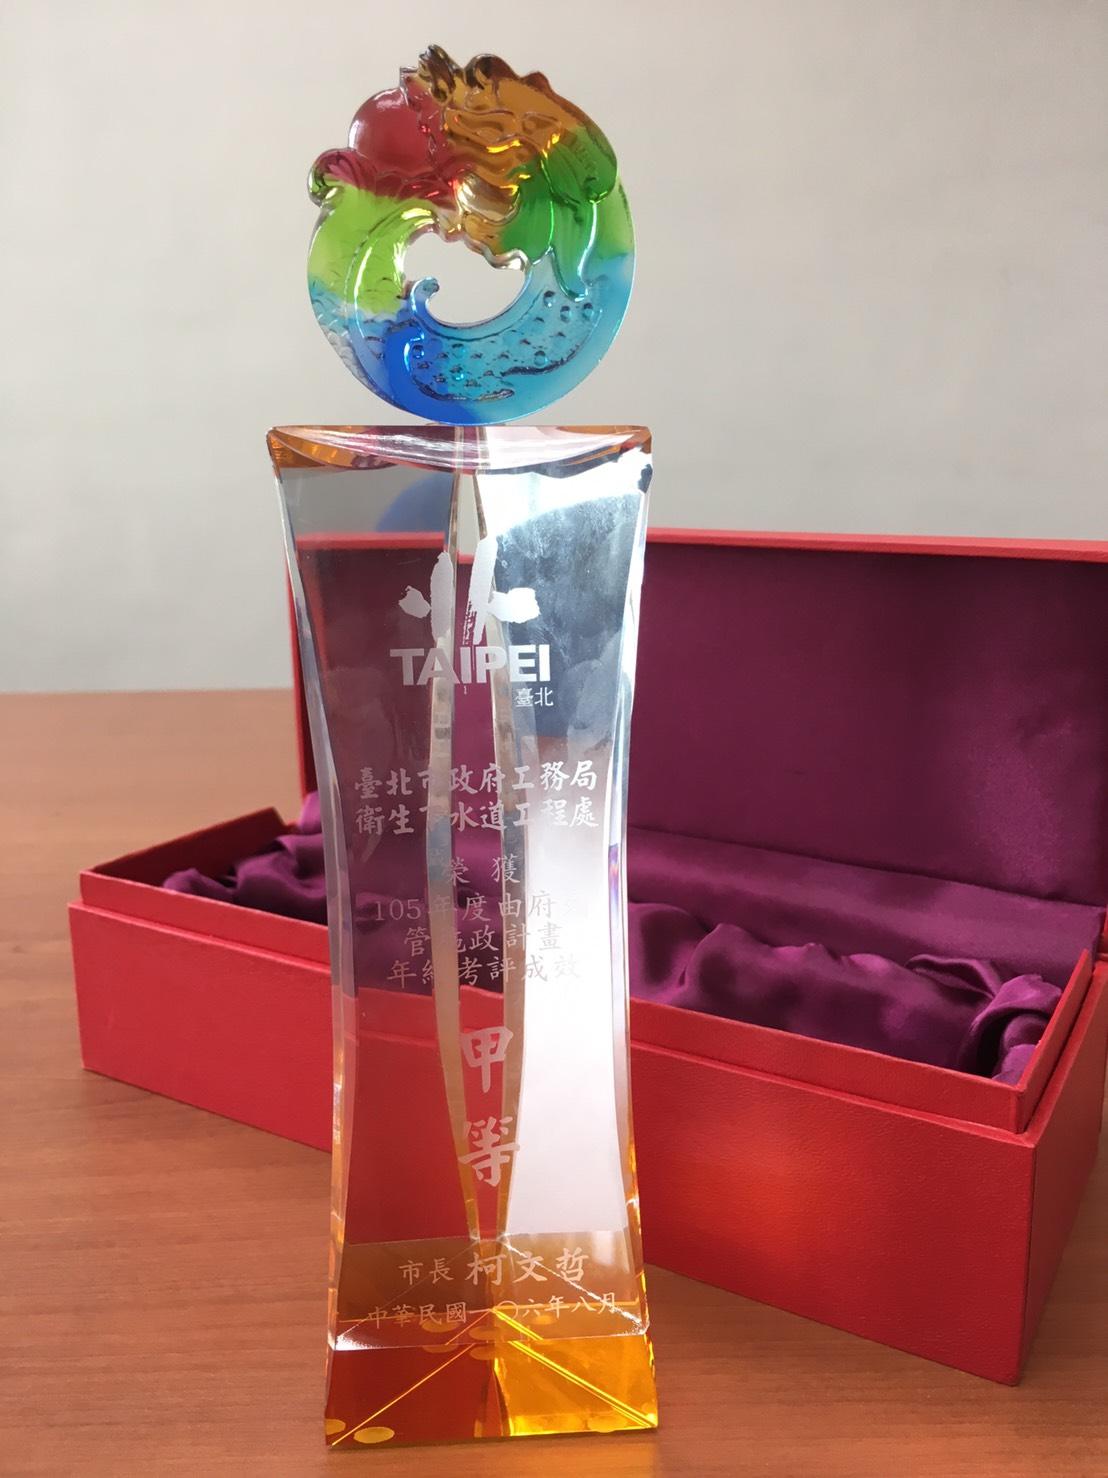 狂賀!本處榮獲105年度由府列管施政計畫年終考評成效甲等獎杯